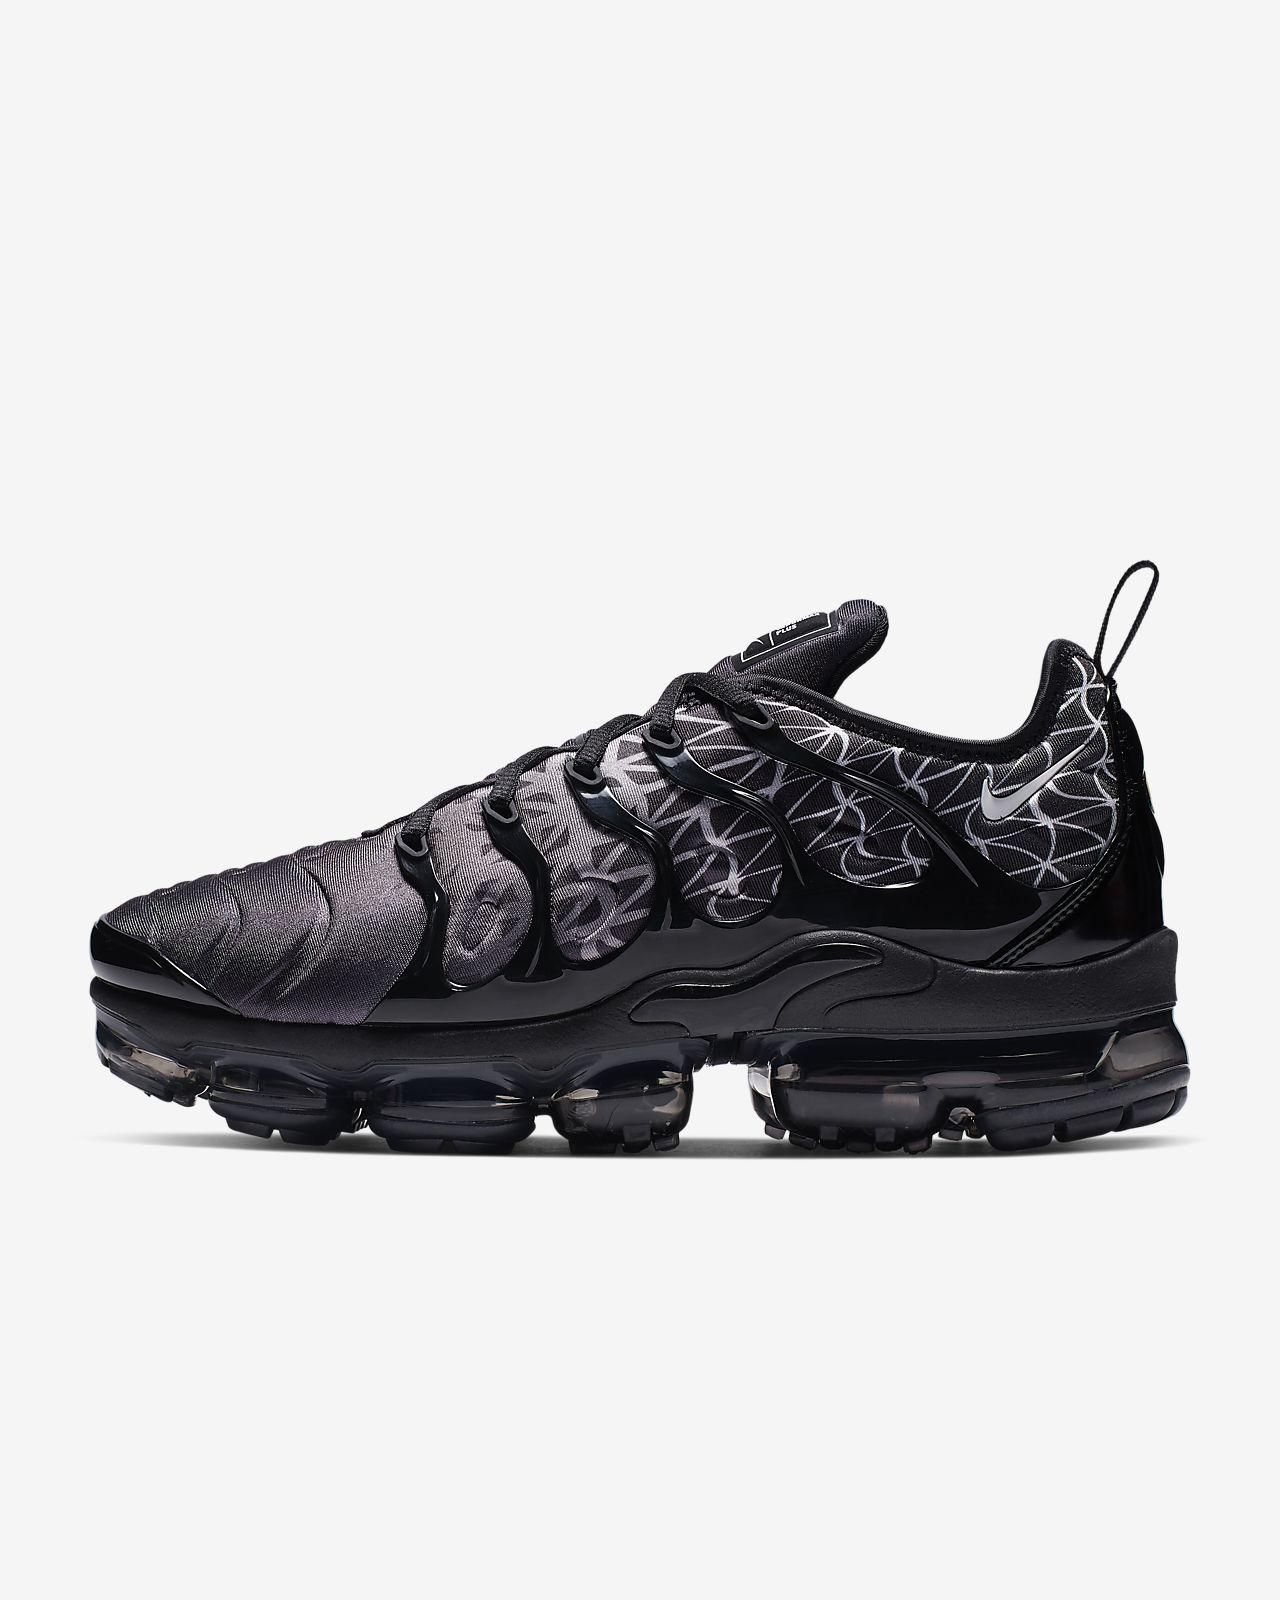 finest selection 9a066 06846 ... Nike Air VaporMax Plus-sko til mænd